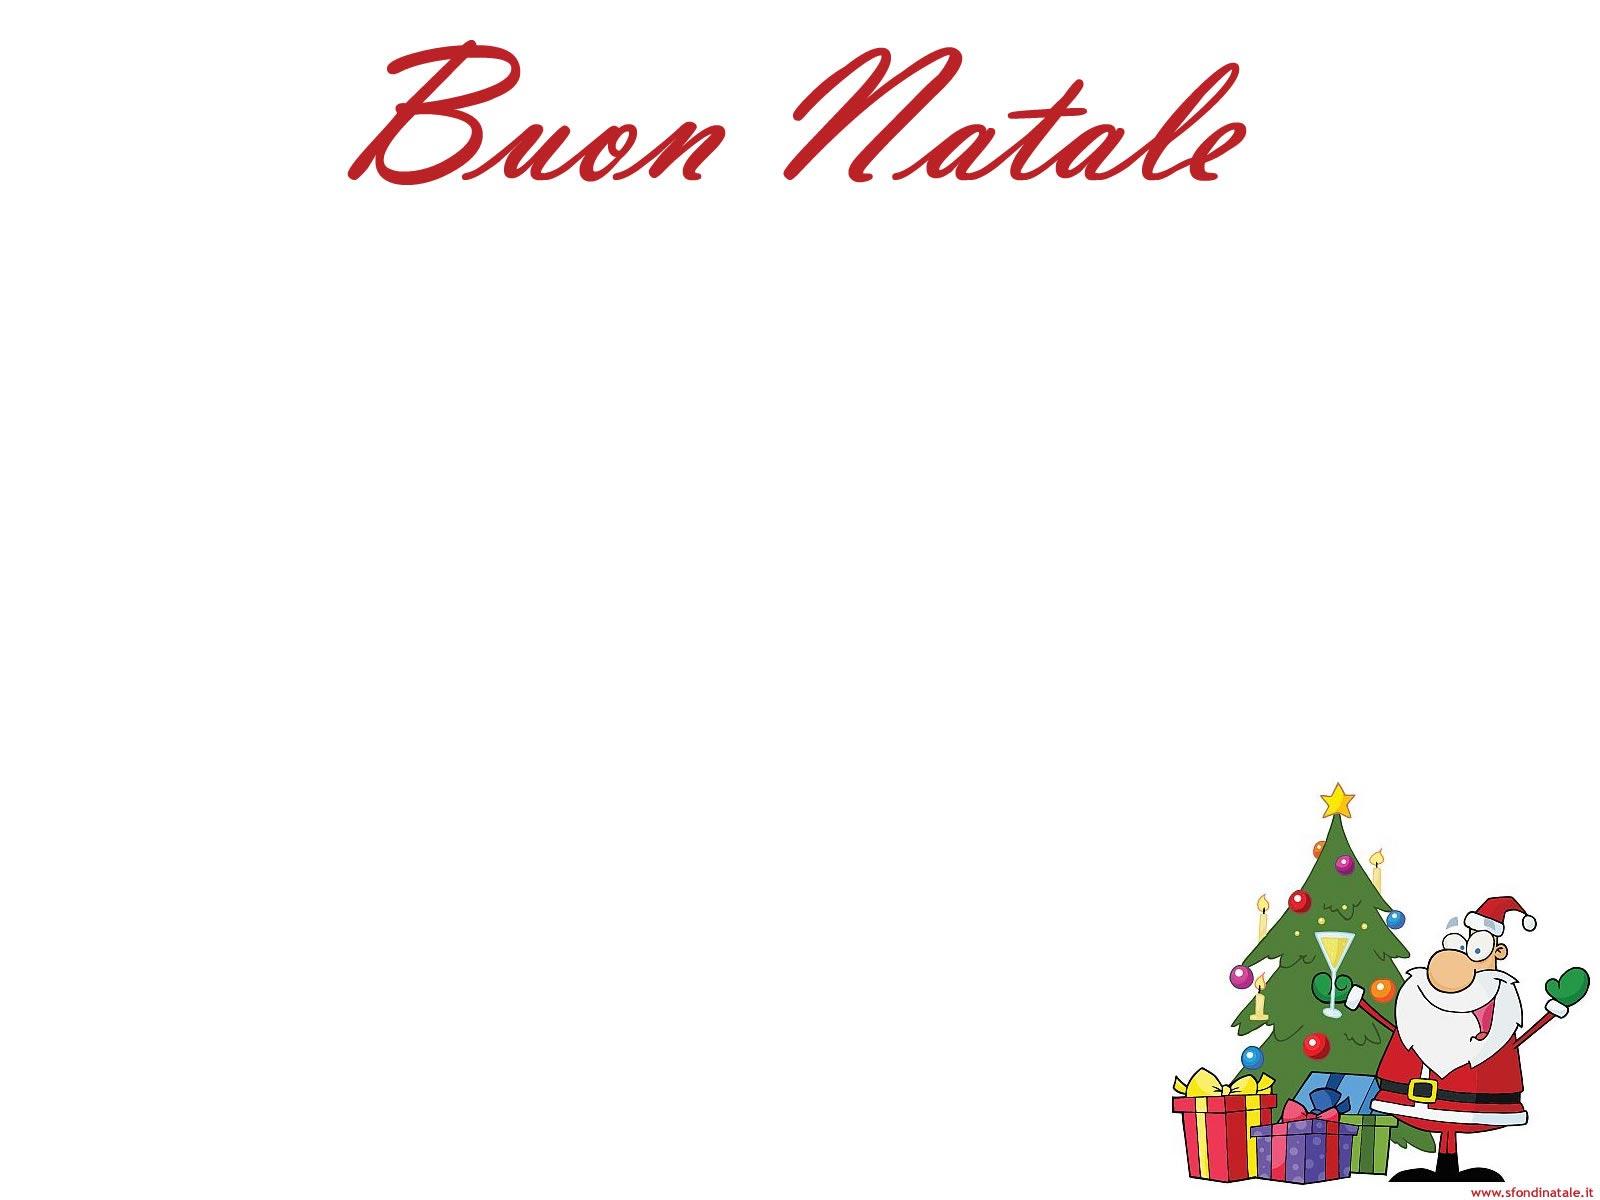 Sfondi Natale - Sfondo Babbo Natale brindisi